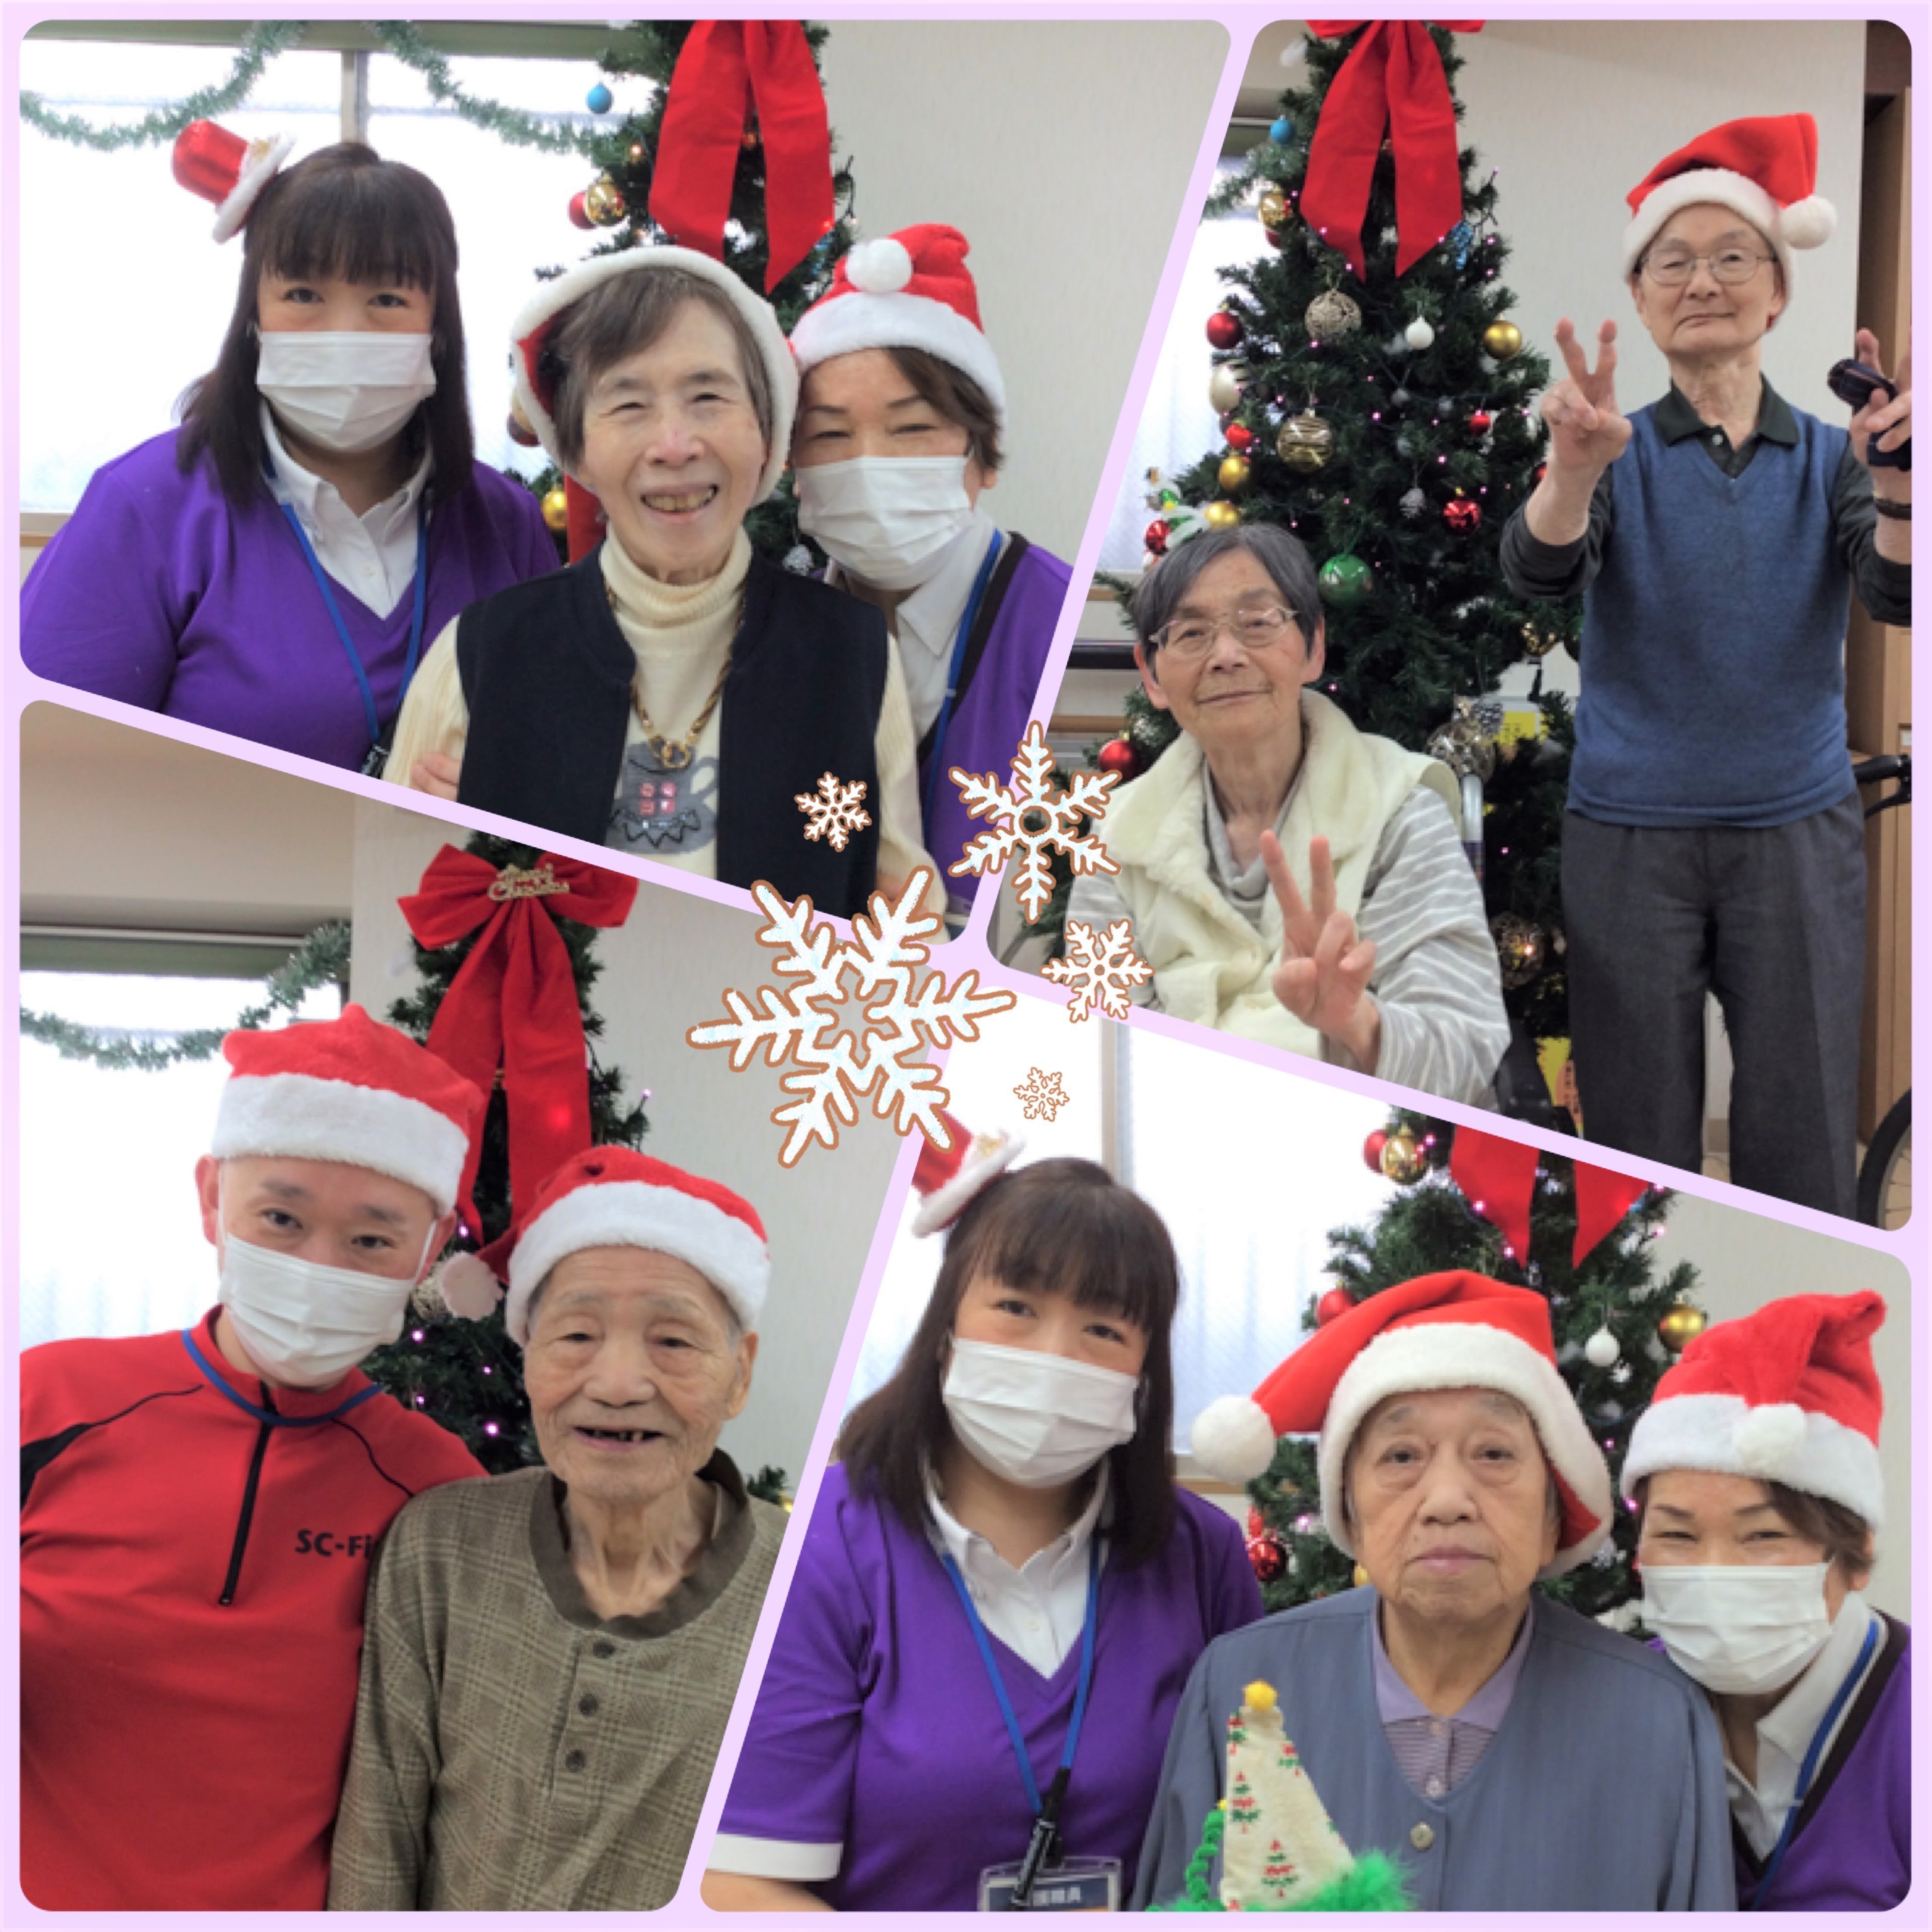 https://www.supercourt.jp/blog/hirano/88dc533a95df86e3e4ac5df9b0a62768916b90b2.JPG